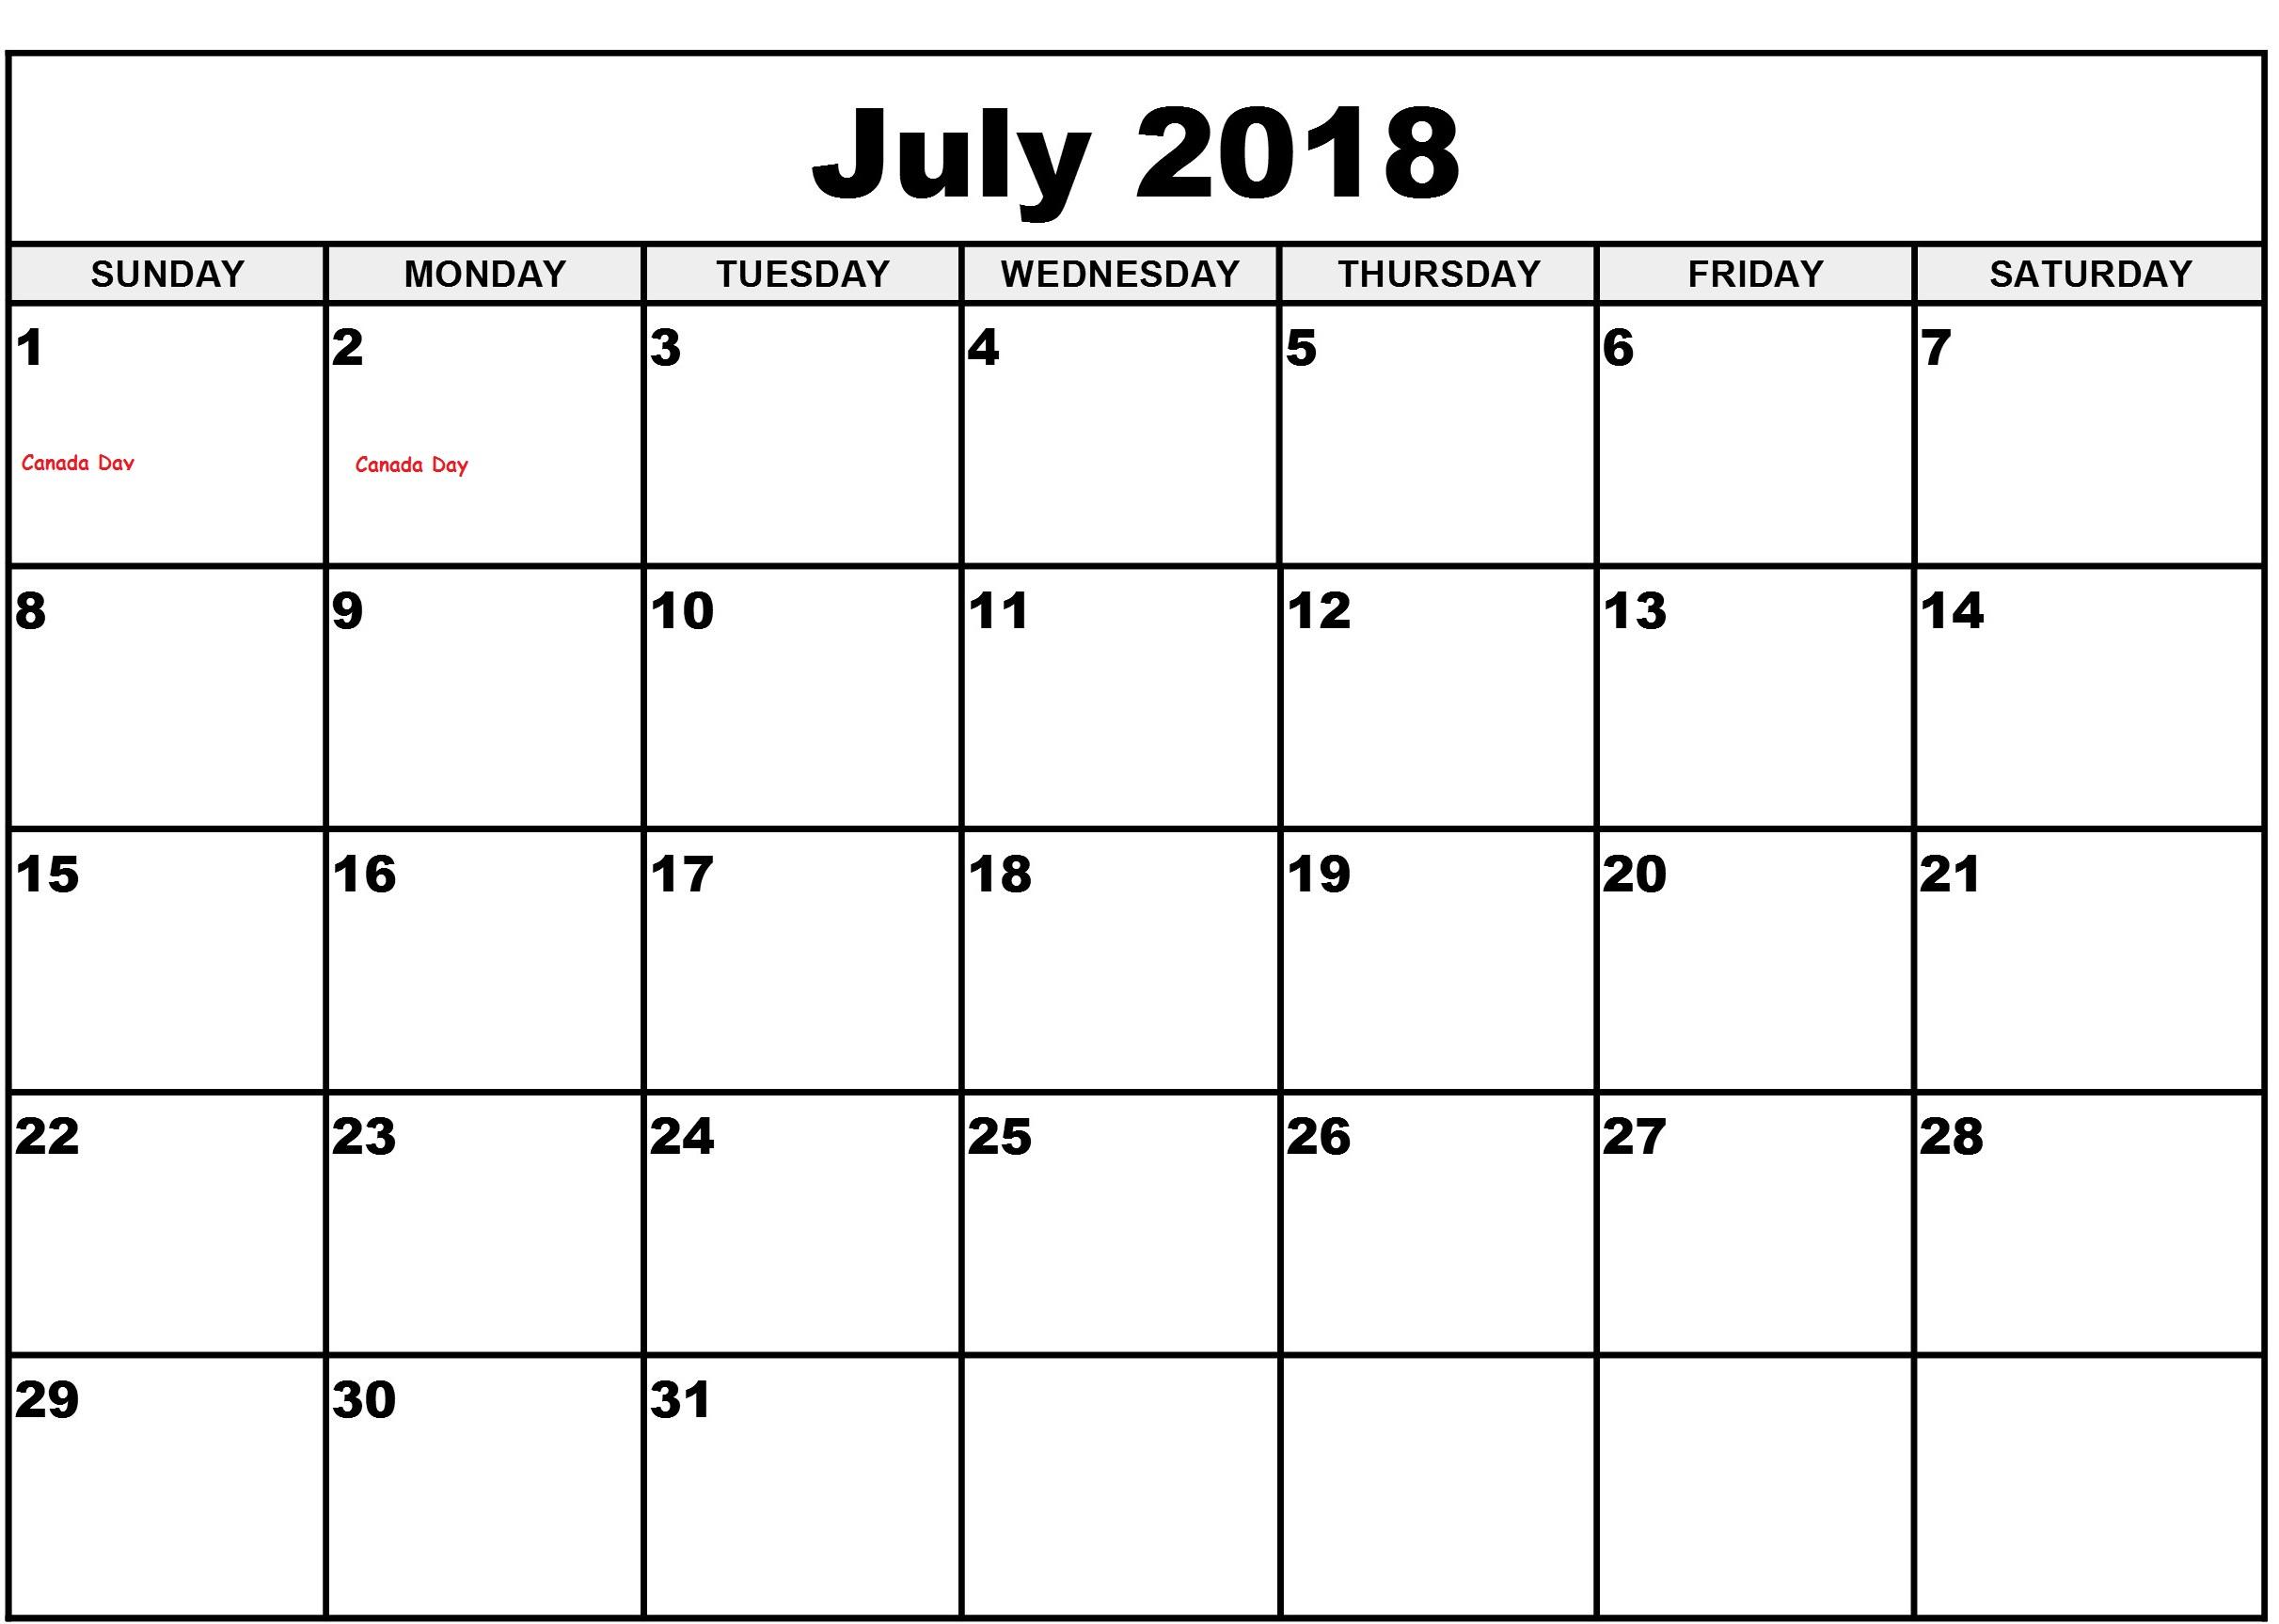 July 2018 CalendarTemplate